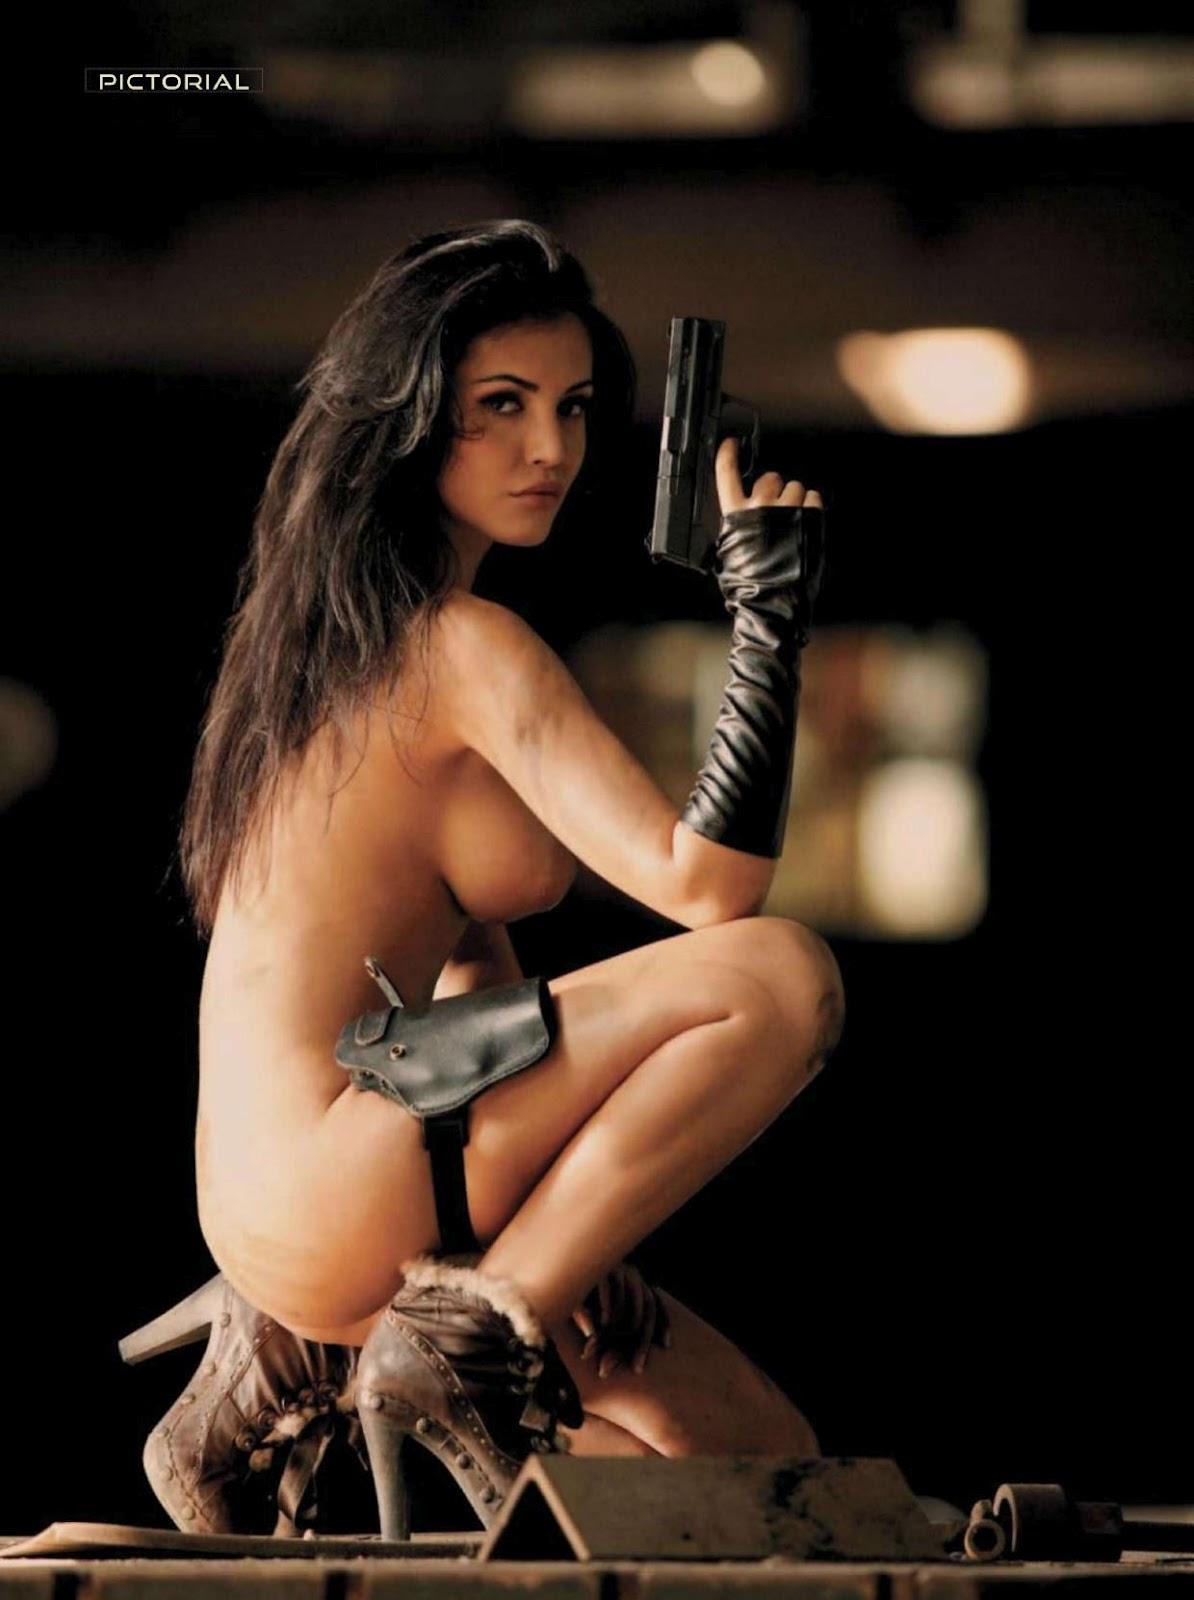 Playmates 2000: Playboy: Czech Républic 2012/07